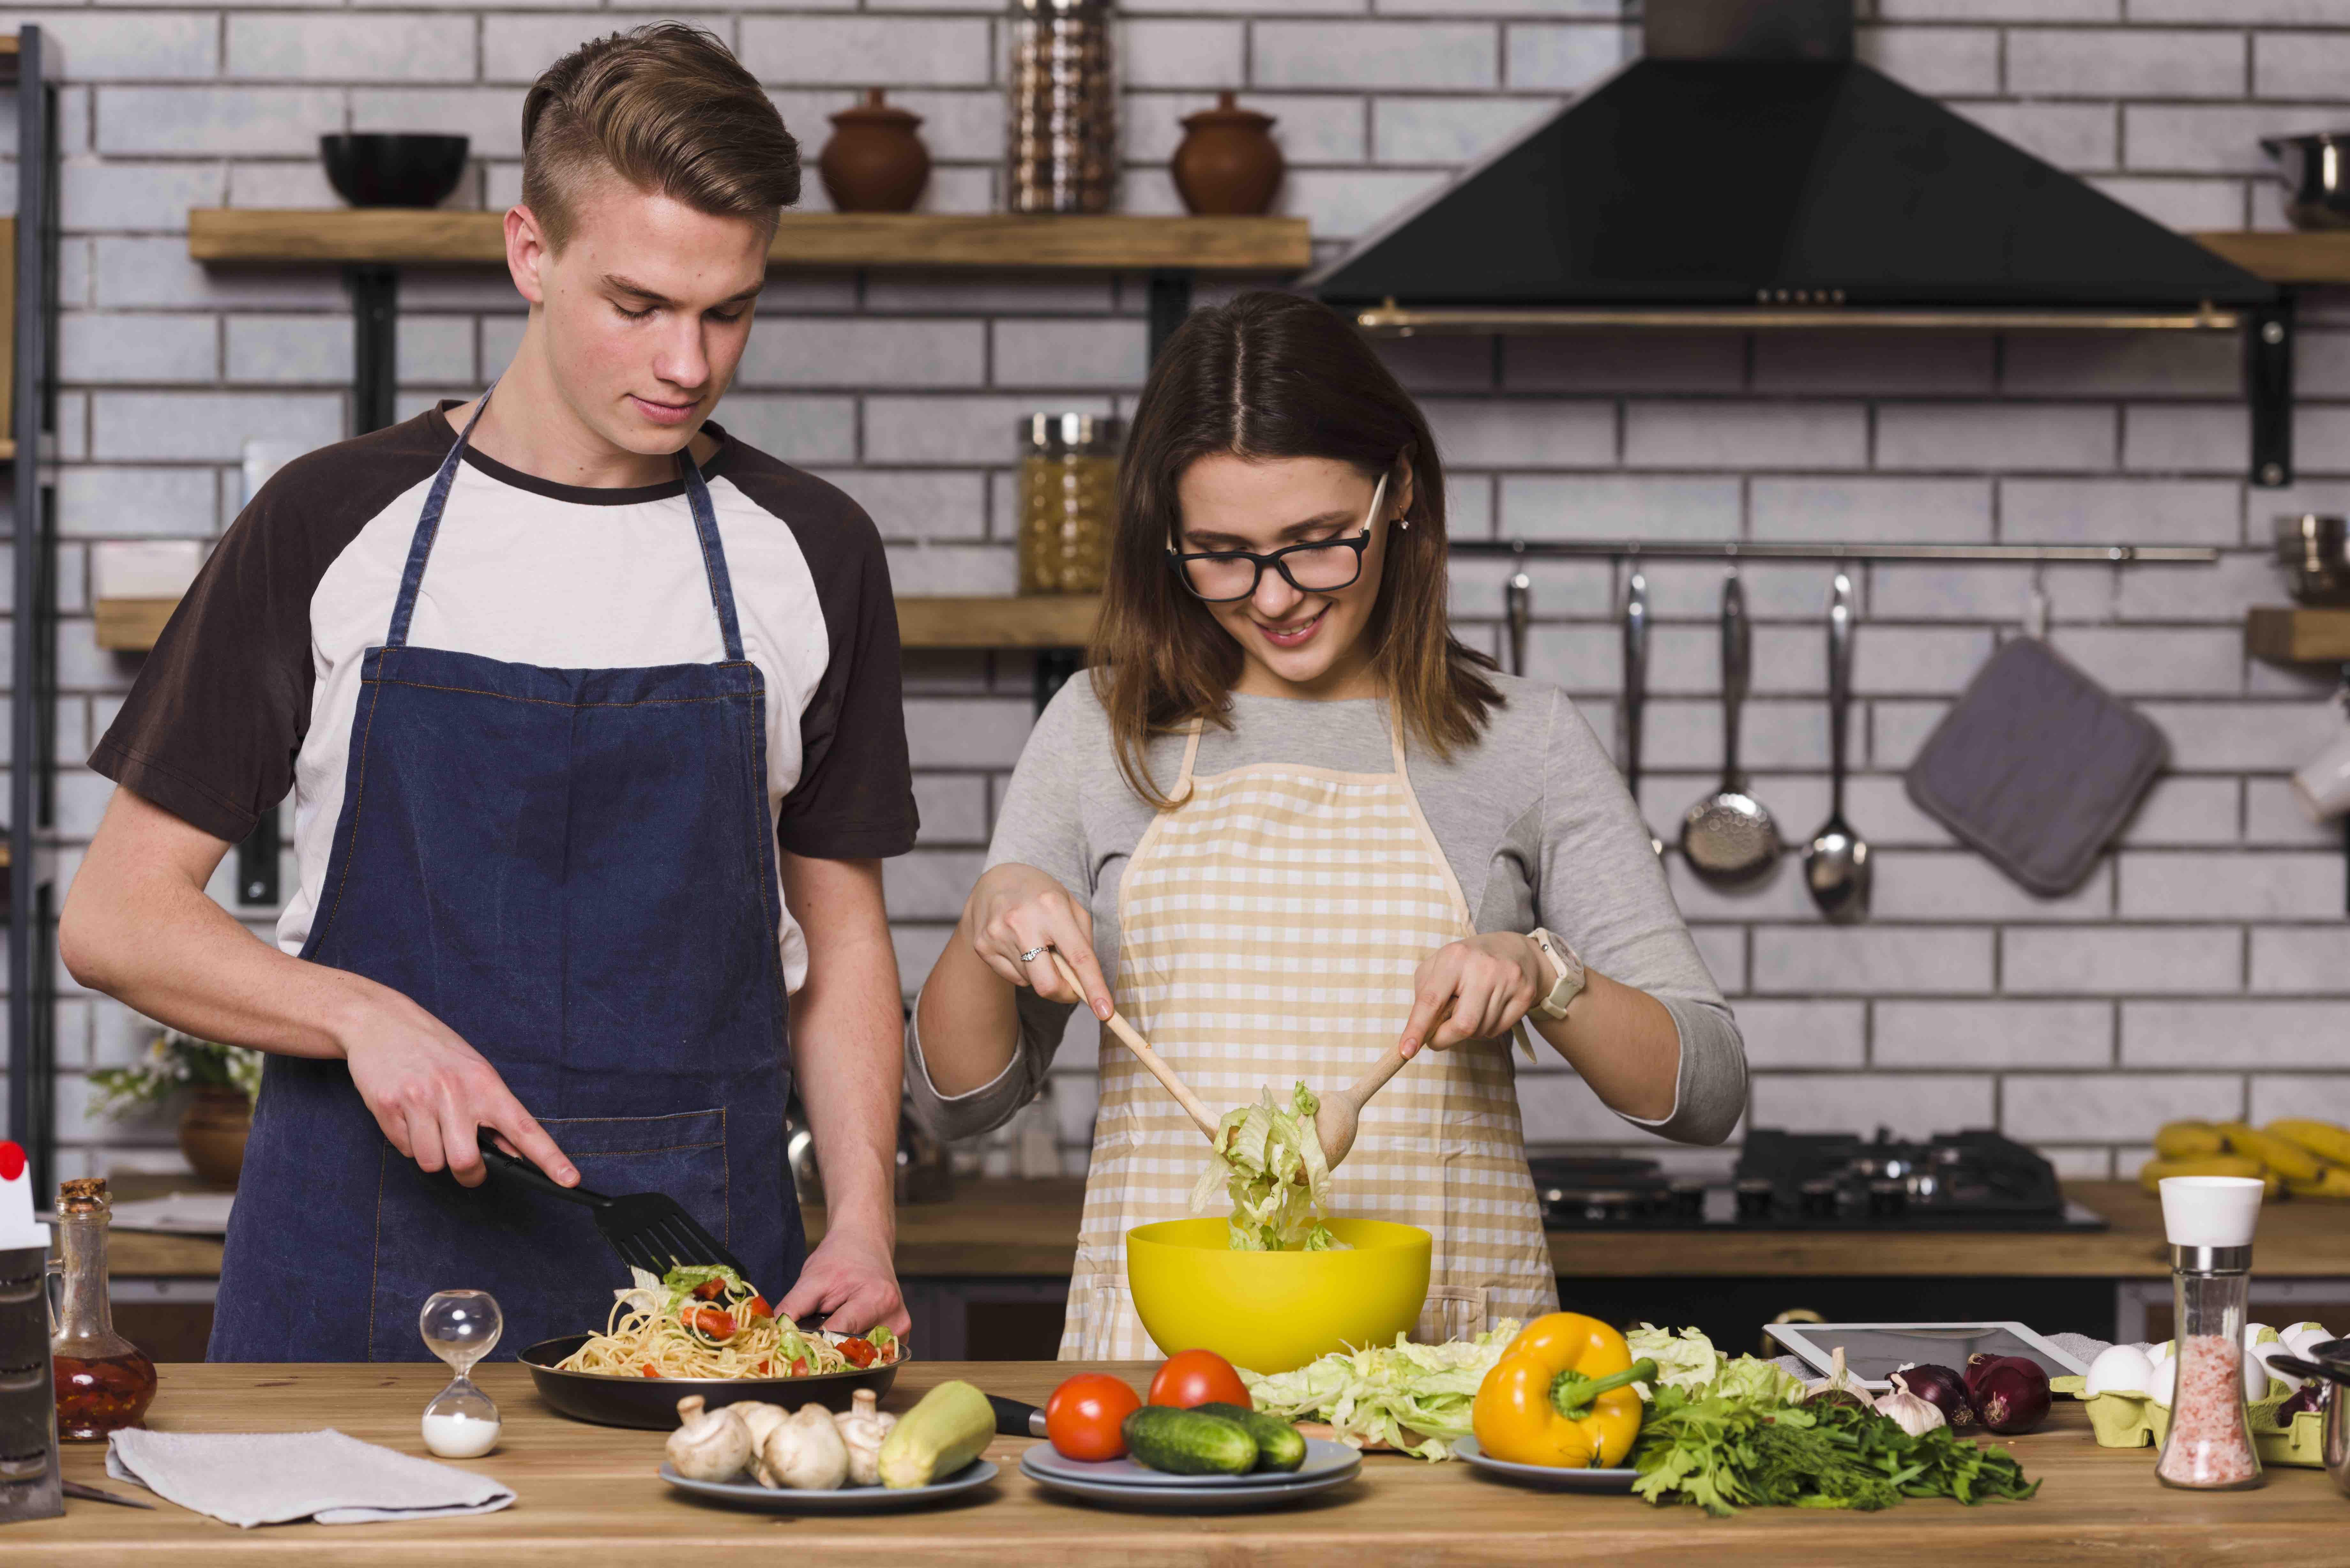 6 Recetas con proteína deliciosas, fáciles y rápidas de preparar